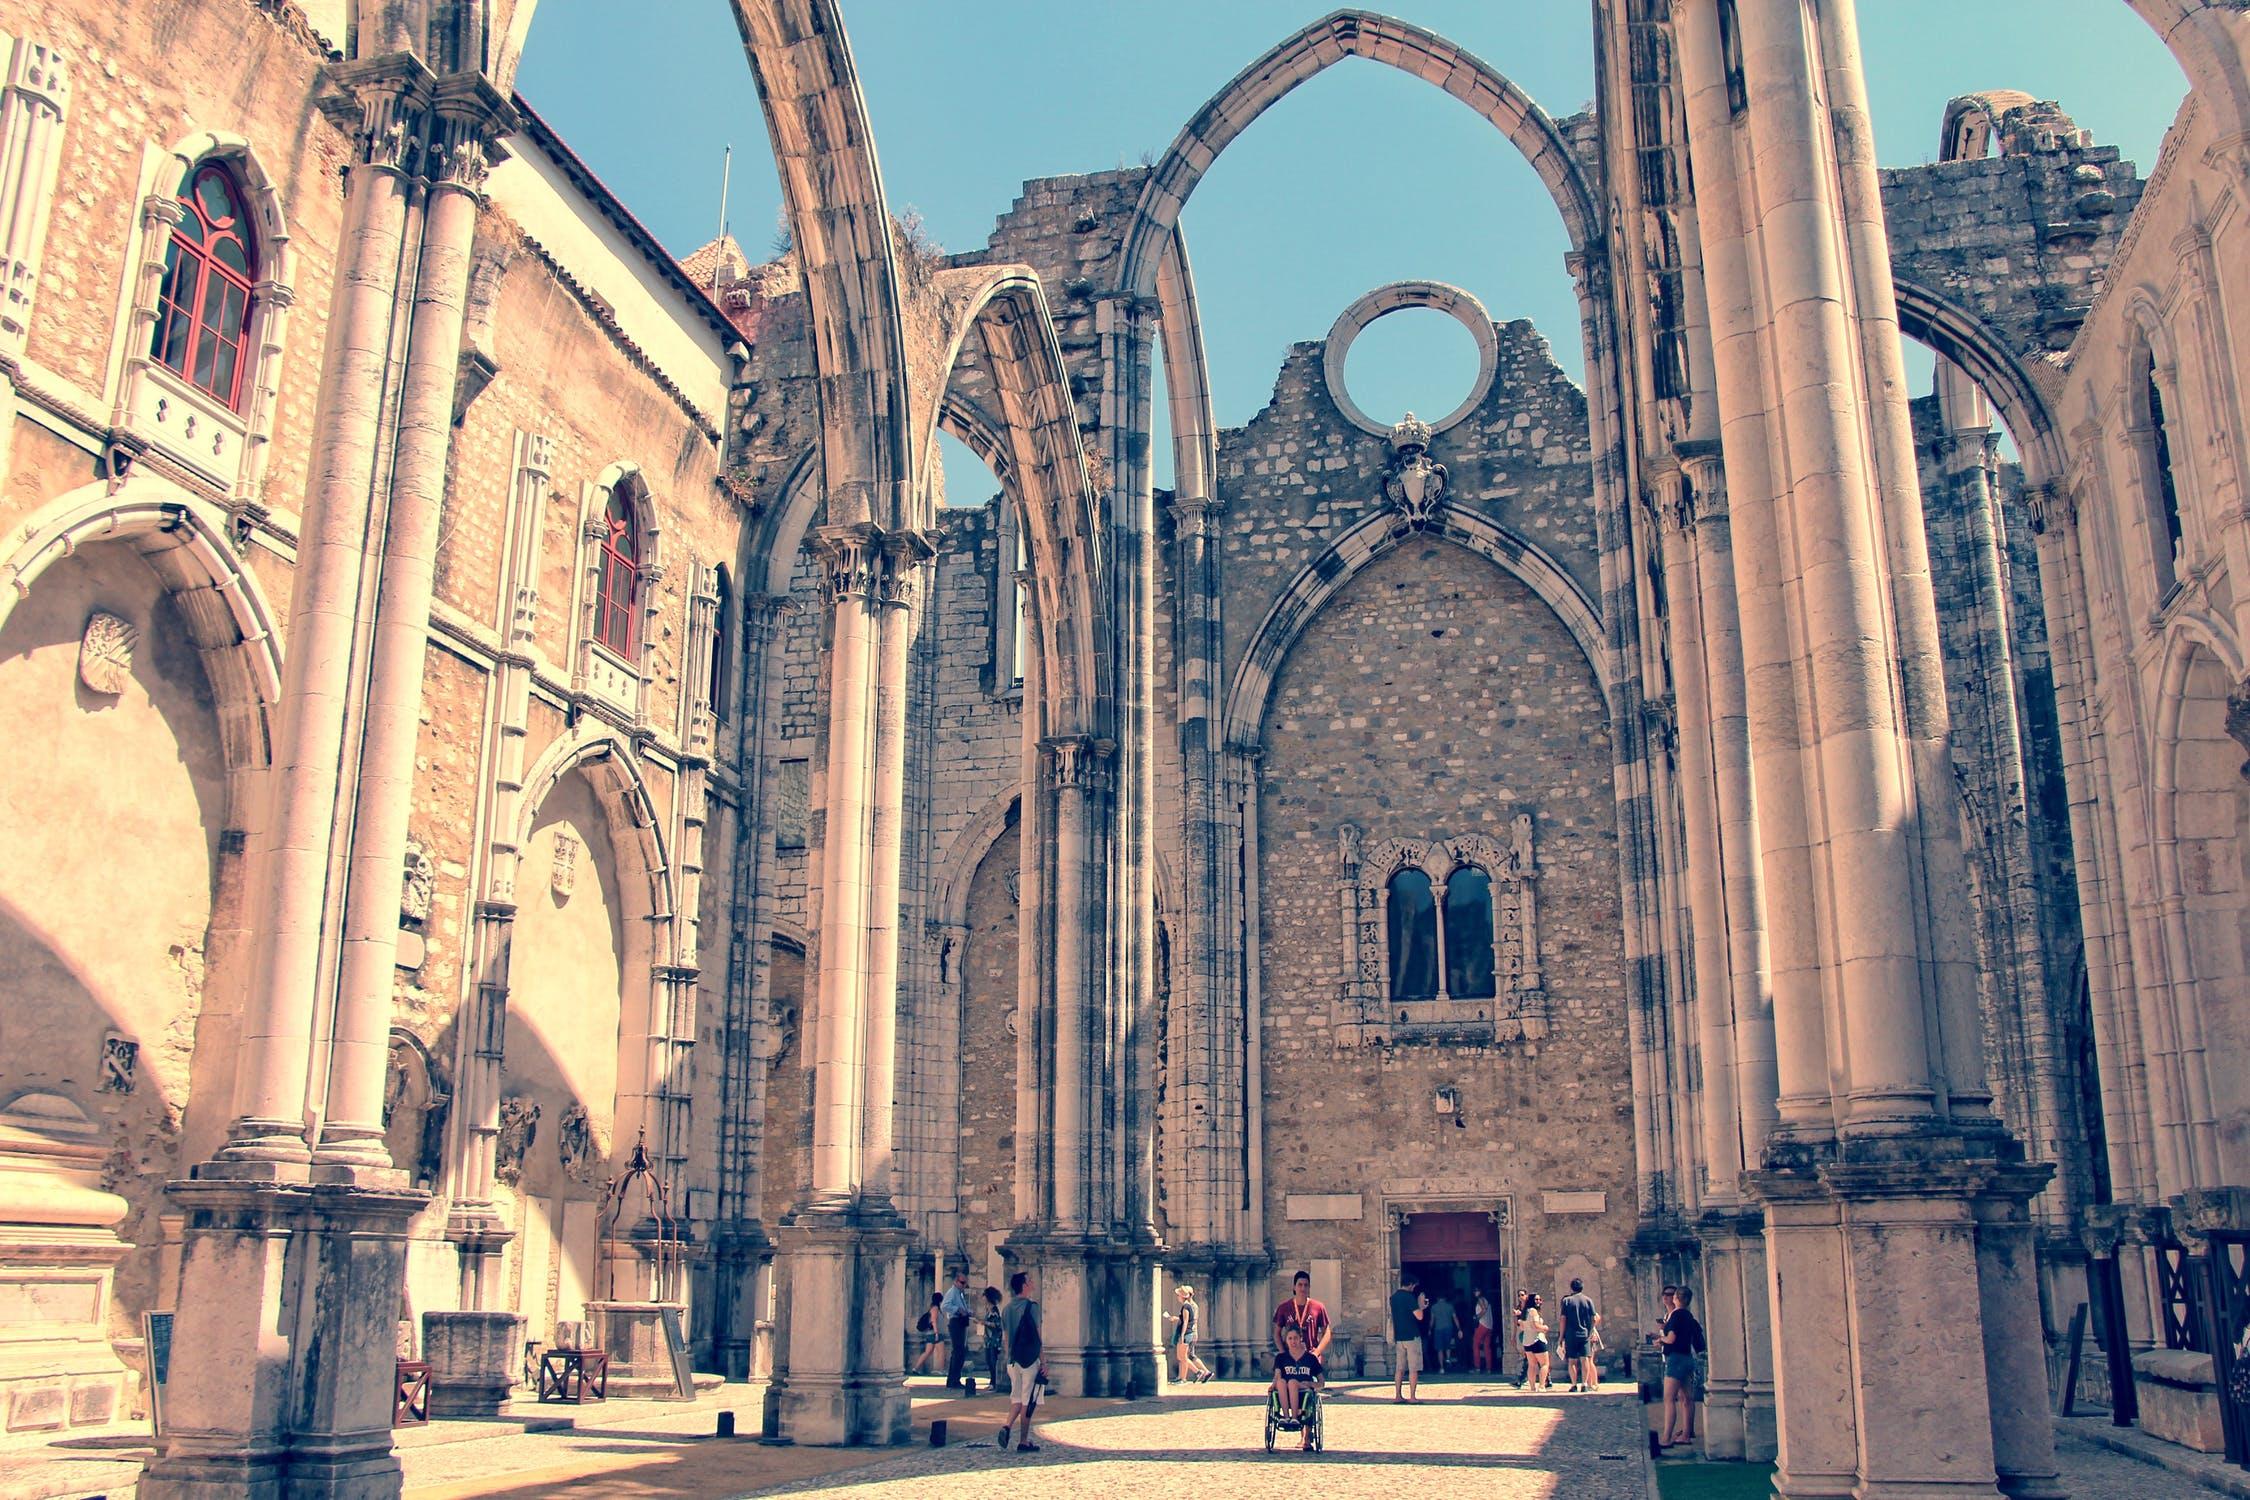 Le statut RNH résident non-habituel au Portugal accorde des bénéfices fiscaux aux expatriés.